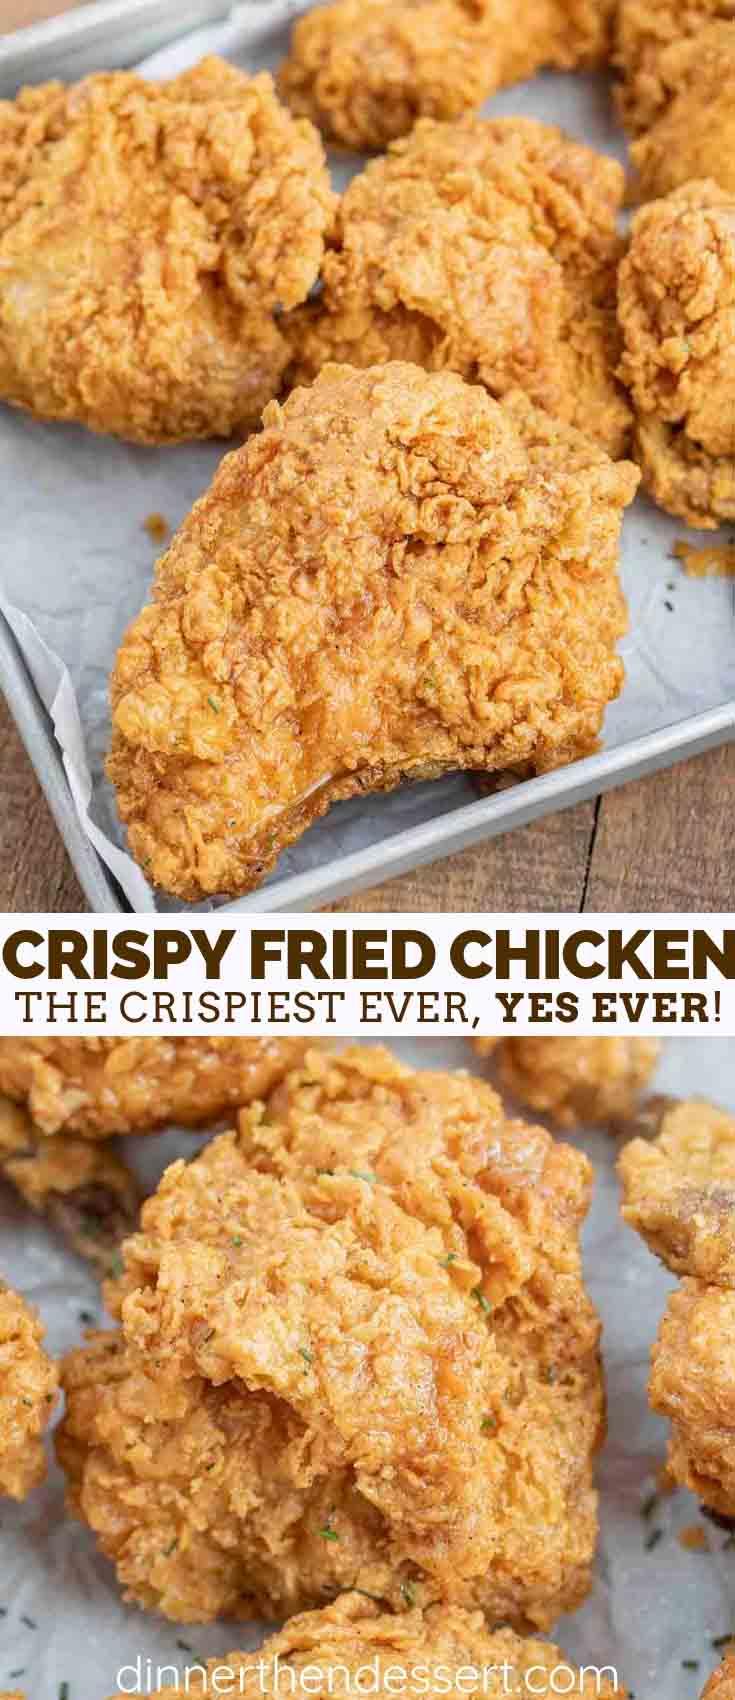 Super Crispy Fried Chicken - Dinner, then Dessert